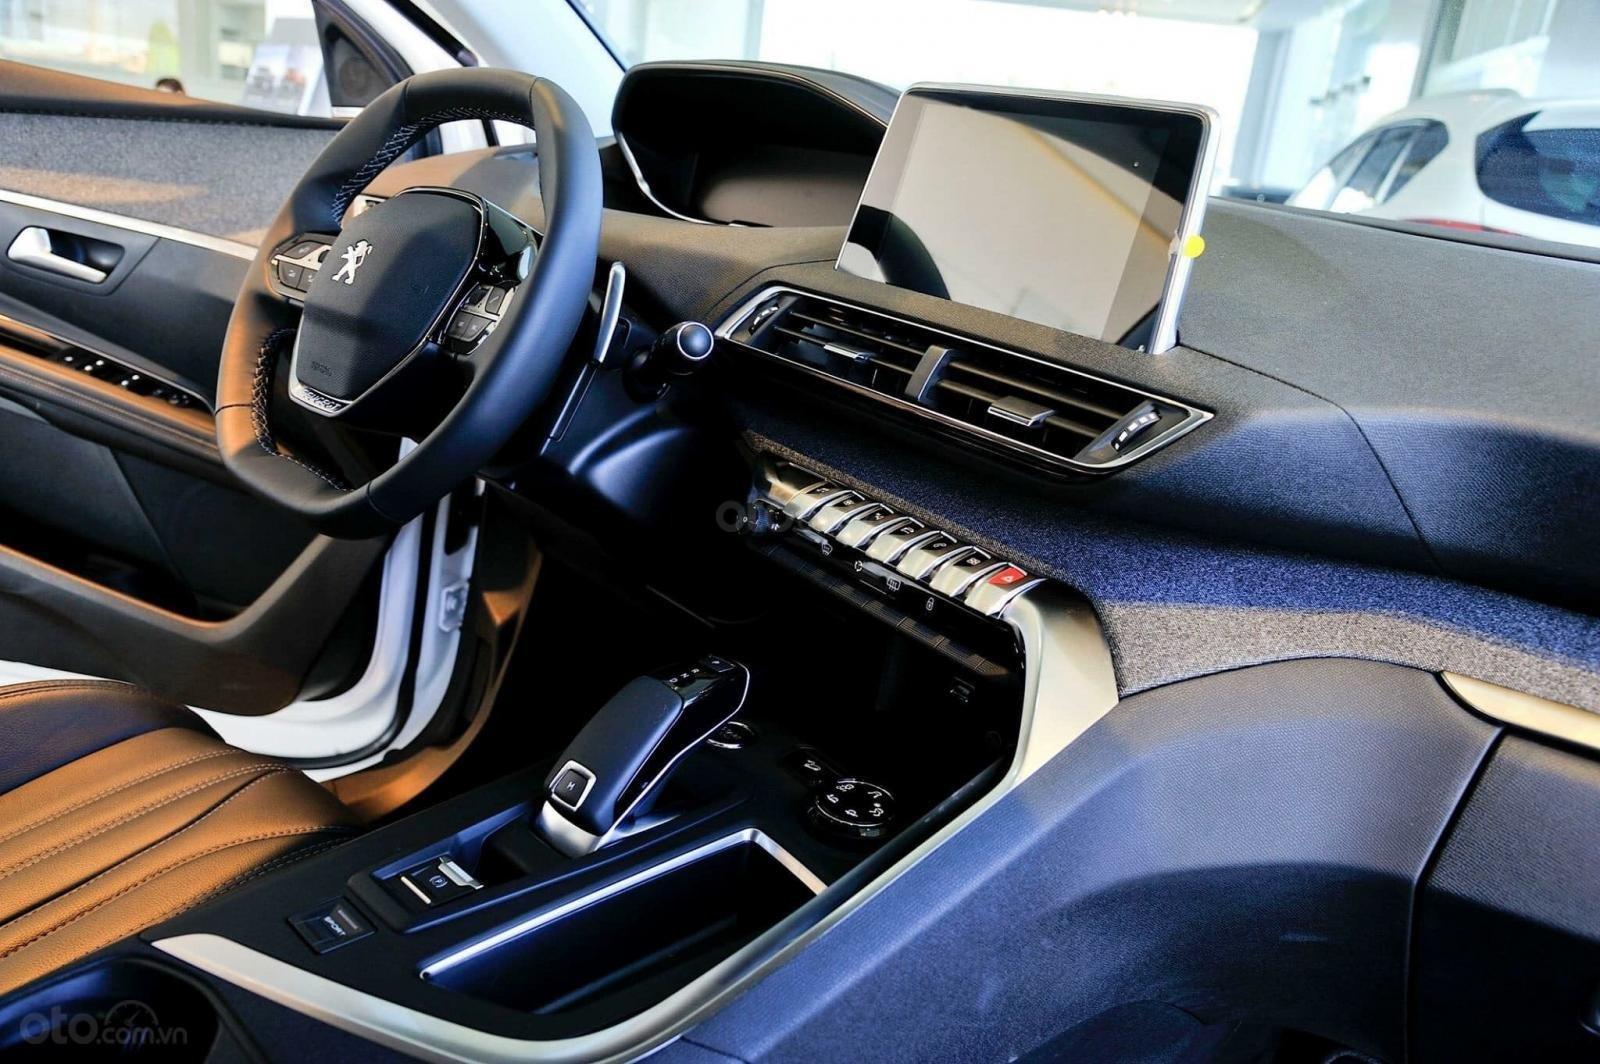 Peugeot 5008 2019 - Đủ màu, Giao xe ngay - Giá tốt nhất - 0938.901.869 (7)